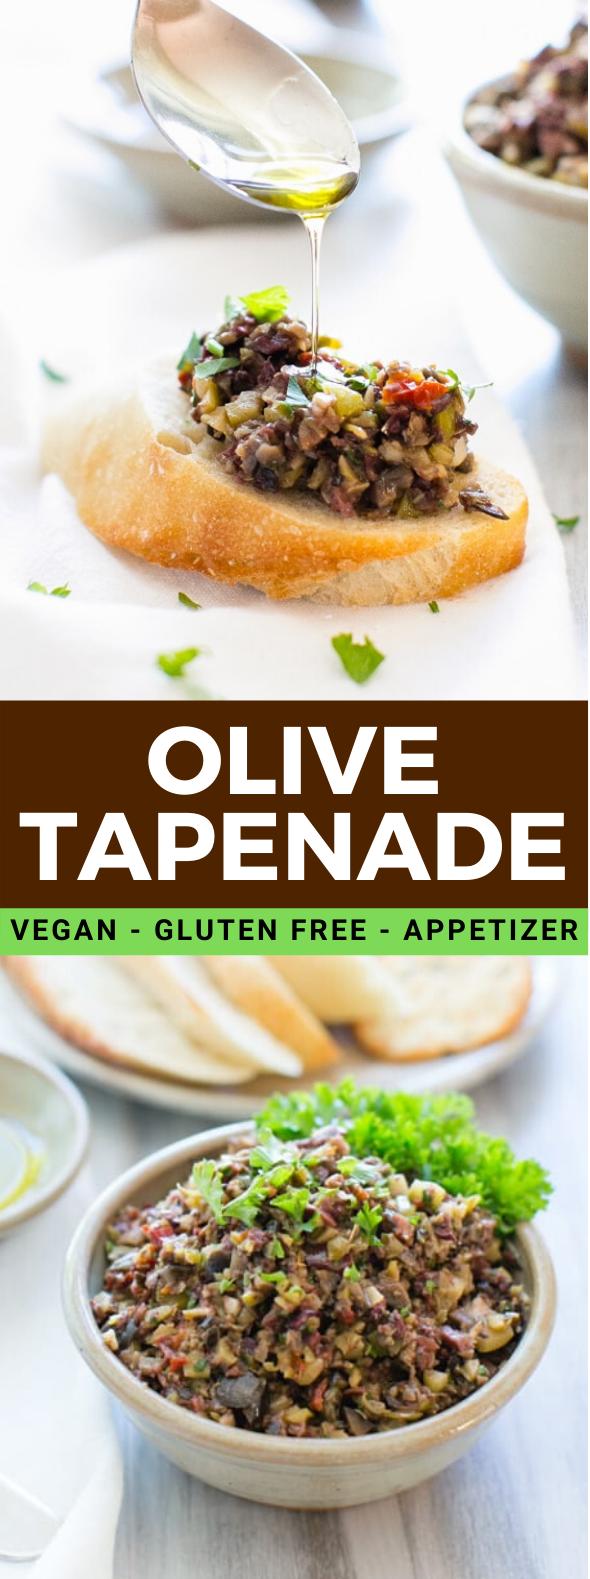 OLIVE TAPENADE #vegan #glutenfree